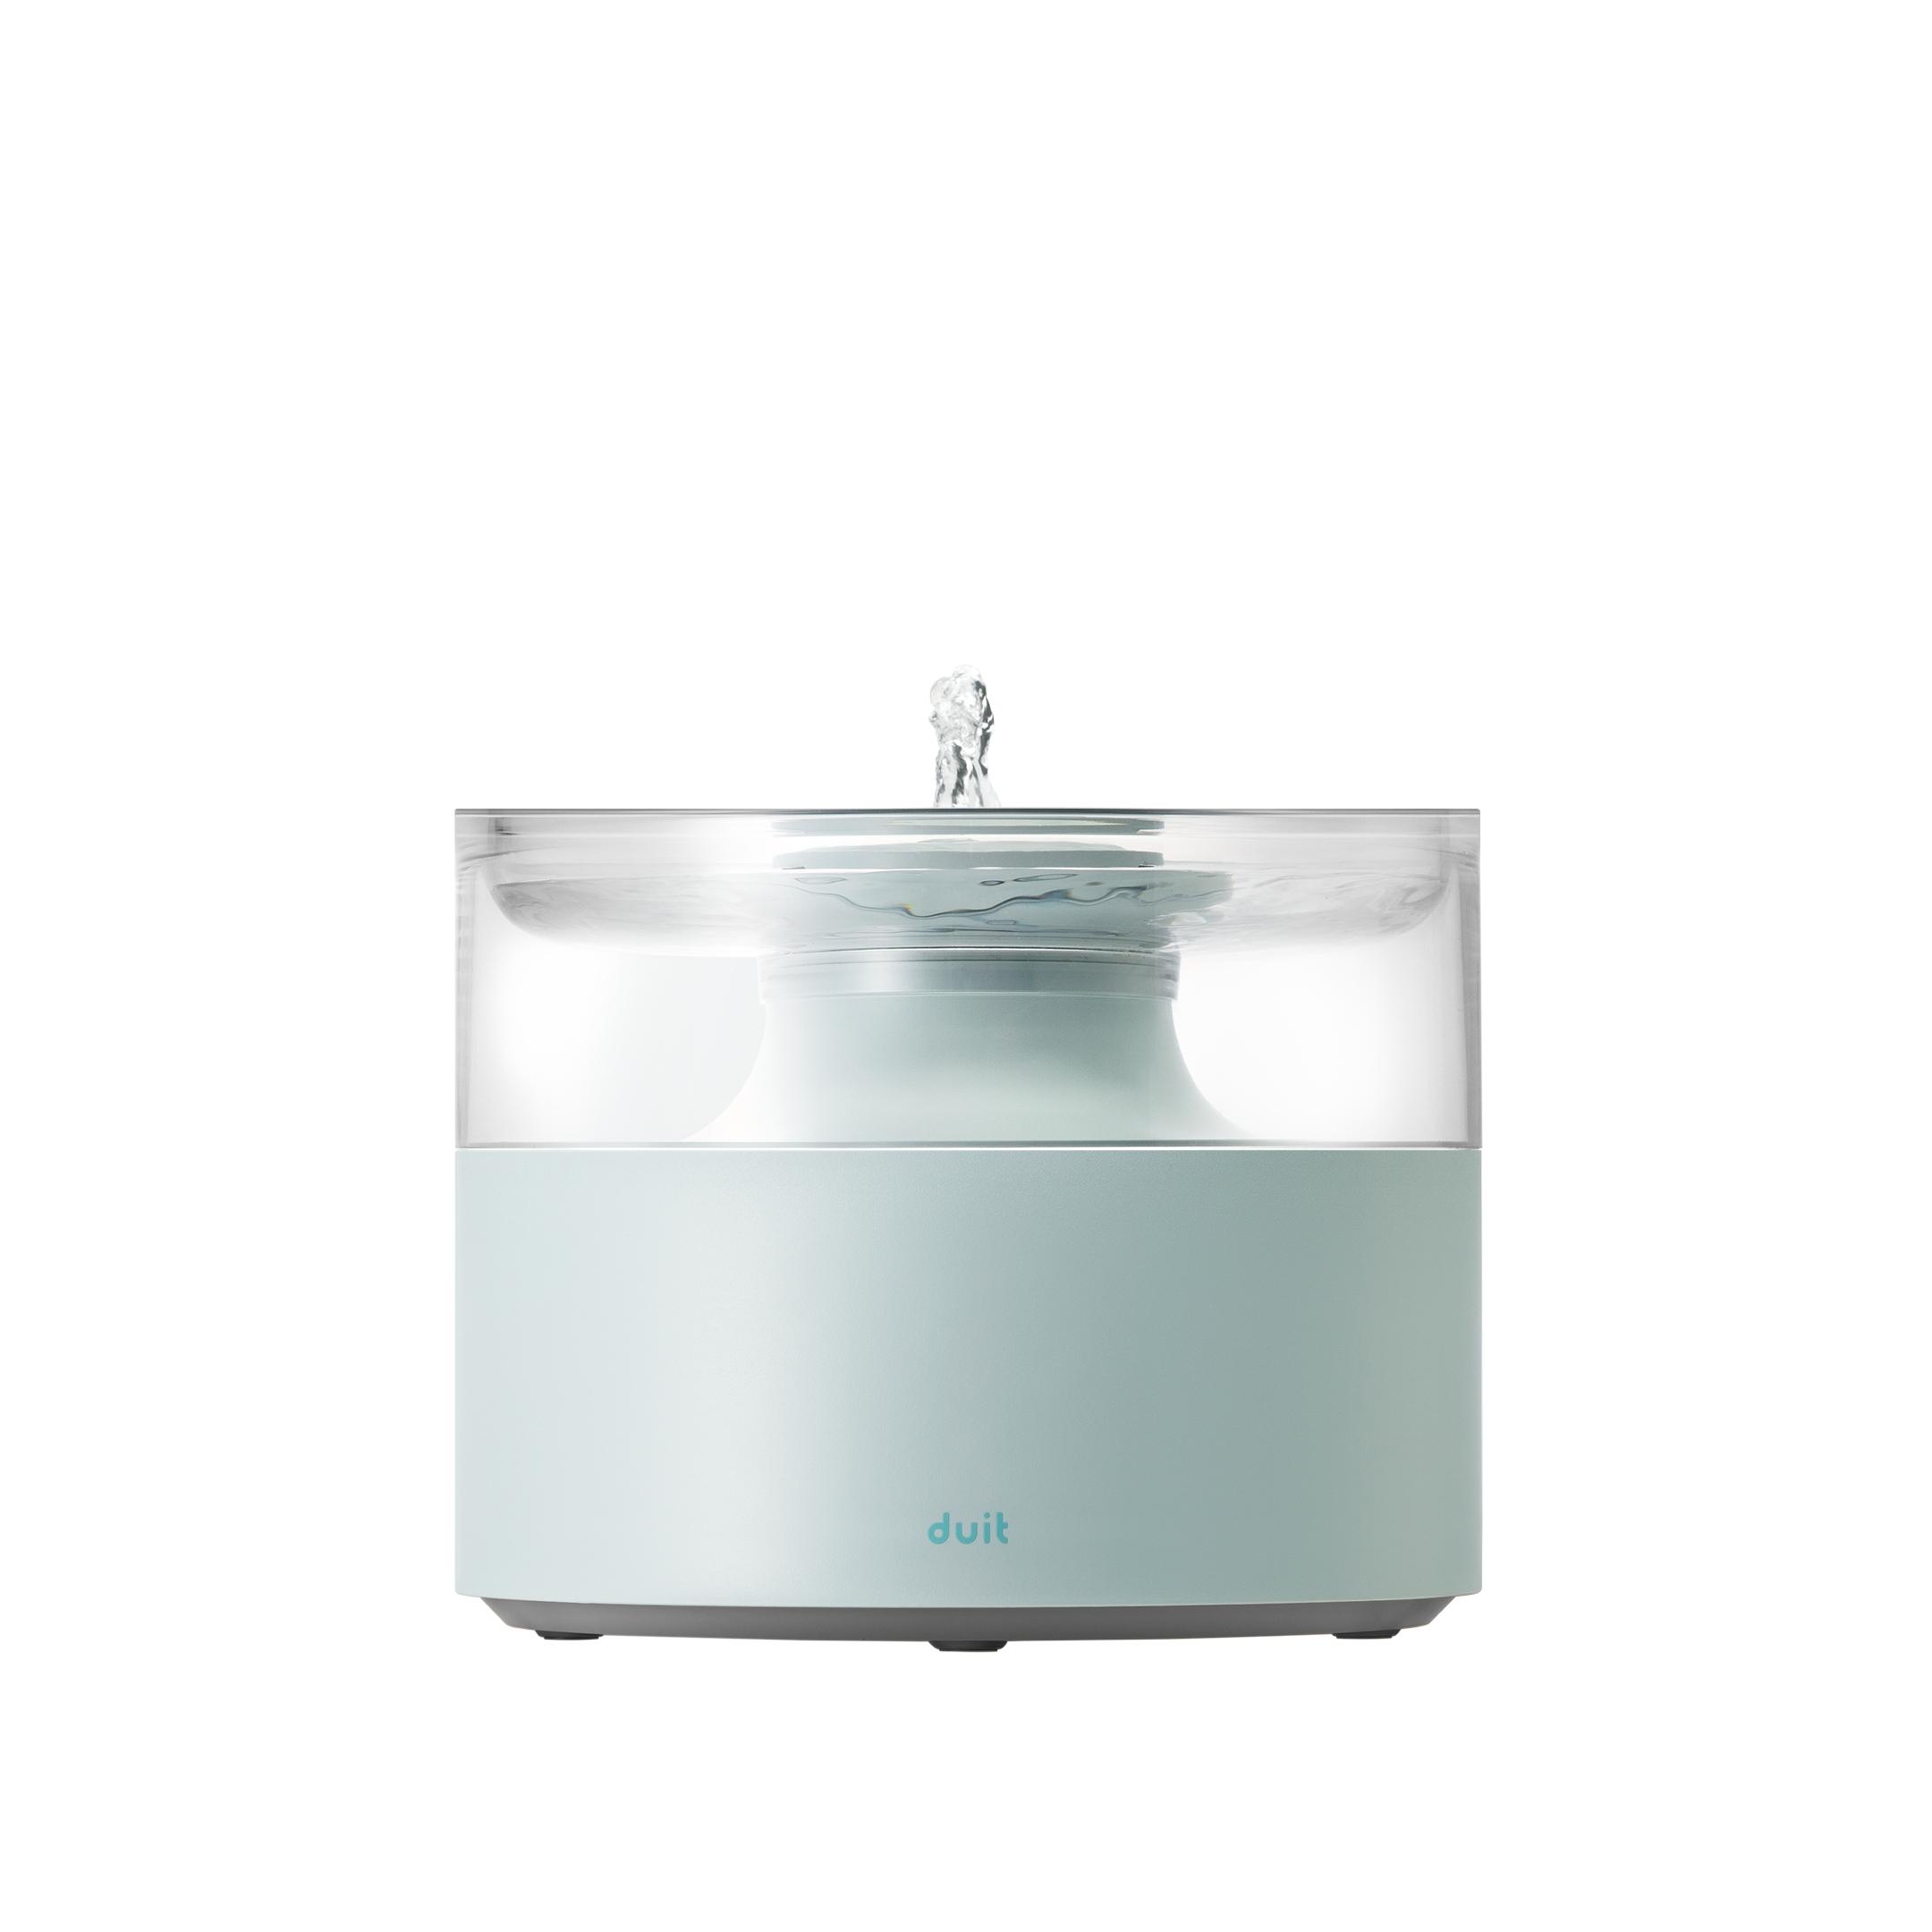 두잇 워터팟 정수기, WPS-1010, 민트